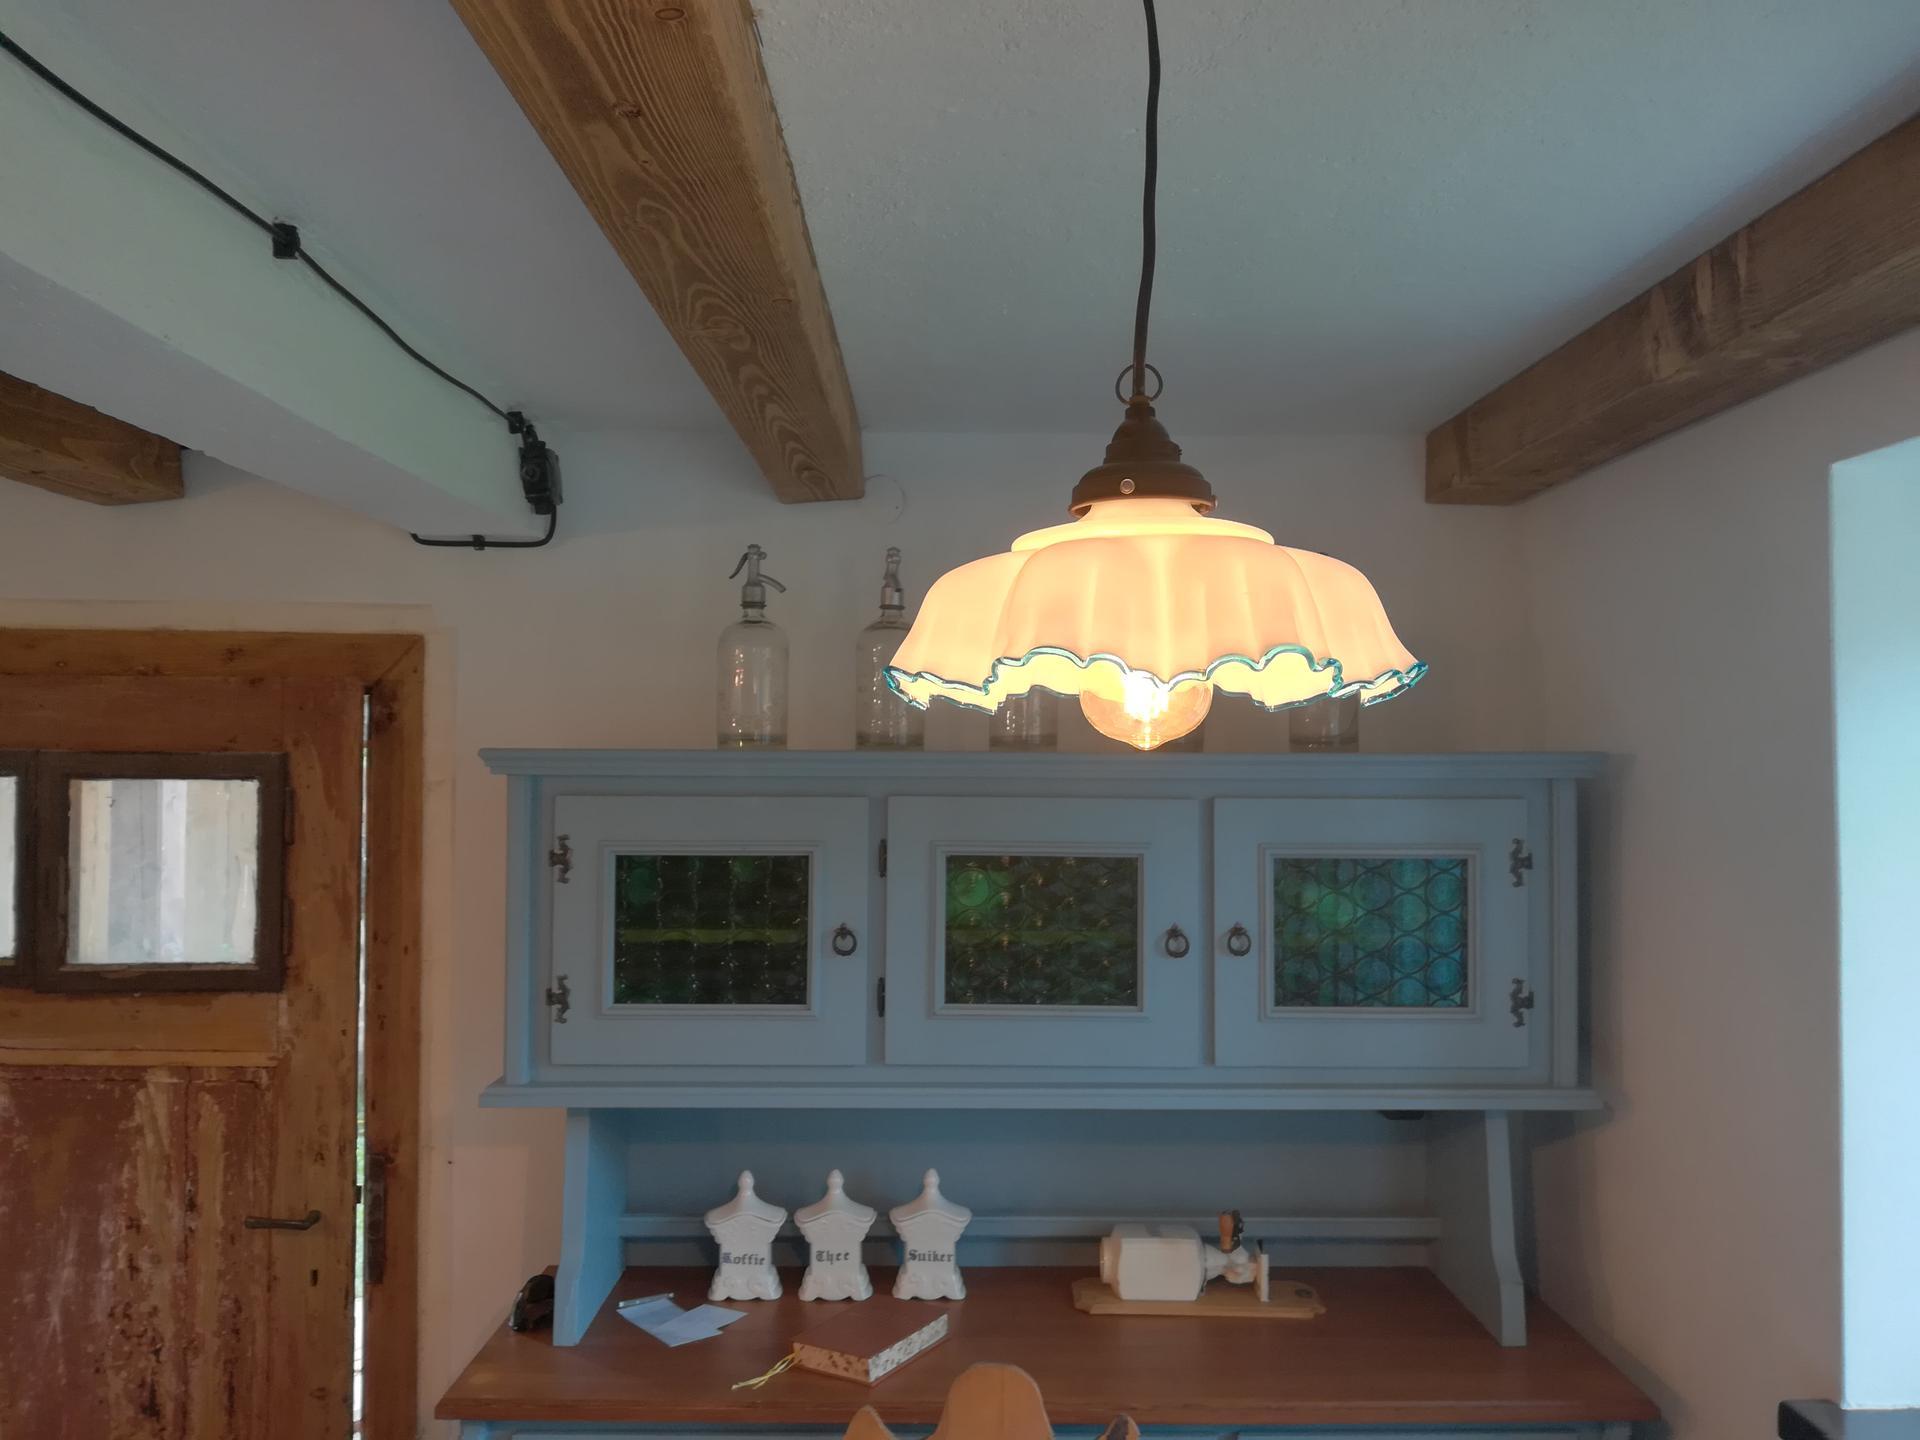 Letná kuchyňa. Inšpirácie vs. realita - Ešte svetlo nad stôl. Jediná pôvodná lampa z chalúpky.